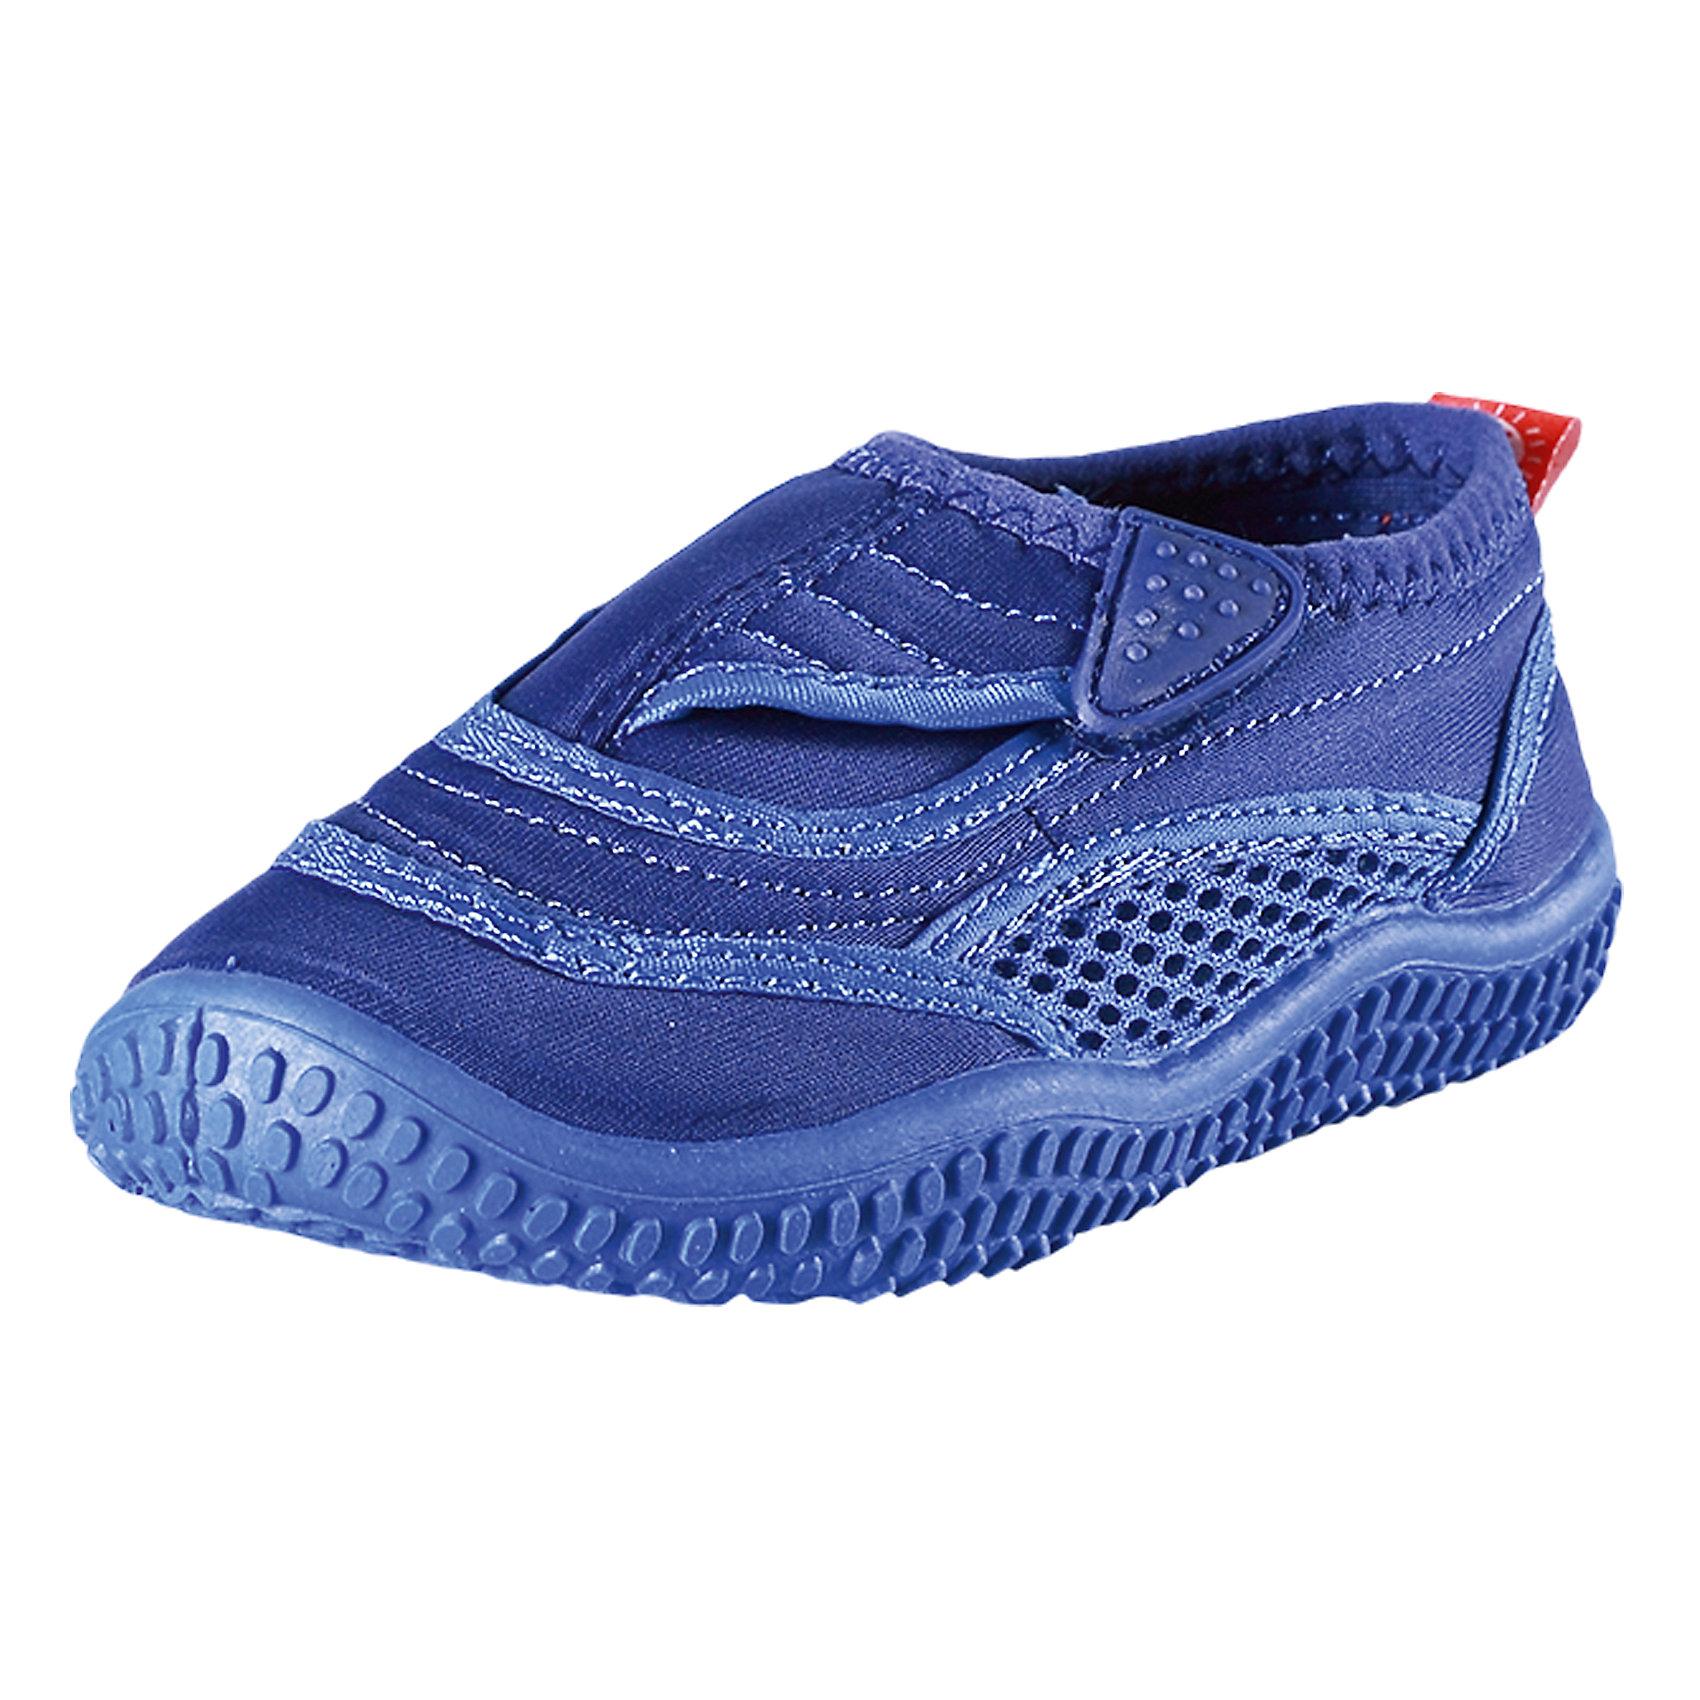 Сандали Aqua для плавания ReimaОбувь<br>Характеристики товара:<br><br>• цвет: синий<br>• состав: верх - ПЭ, подошва - термопластичная резина<br>• застежка: липучка<br>• устойчивая легкая подошва ЭВА<br>• модель из солнцезащитного материала SunProof<br>• съемные стельки с рисунком Happy Fit, помогающие определить размер<br>• фактор защиты от ультрафиолета: 50+<br>• хорошее сцепление с поверхностью<br>• можно стирать в машине при температуре 30 °C<br>• страна производства: Китай<br>• страна бренда: Финляндия<br>• коллекция: весна-лето 2017<br><br>Детская обувь может быть модной и комфортной одновременно! Удобные стильные сандали для плавания помогут обеспечить ребенку комфорт и дополнить наряд. Они отлично смотрятся с различной одеждой. Сандали для плавания удобно сидят на ноге и аккуратно смотрятся. Легко чистятся и долго служат. Продуманная конструкция разрабатывалась специально для детей.<br><br>Одежда и обувь от финского бренда Reima пользуется популярностью во многих странах. Эти изделия стильные, качественные и удобные. Для производства продукции используются только безопасные, проверенные материалы и фурнитура. Порадуйте ребенка модными и красивыми вещами от Reima! <br><br>Сандали для плавания от финского бренда Reima (Рейма) можно купить в нашем интернет-магазине.<br><br>Ширина мм: 227<br>Глубина мм: 145<br>Высота мм: 124<br>Вес г: 325<br>Цвет: синий<br>Возраст от месяцев: 21<br>Возраст до месяцев: 24<br>Пол: Мужской<br>Возраст: Детский<br>Размер: 24,26,36,28,29,30,27,25,31,32,33,34,35,37,38<br>SKU: 5266933